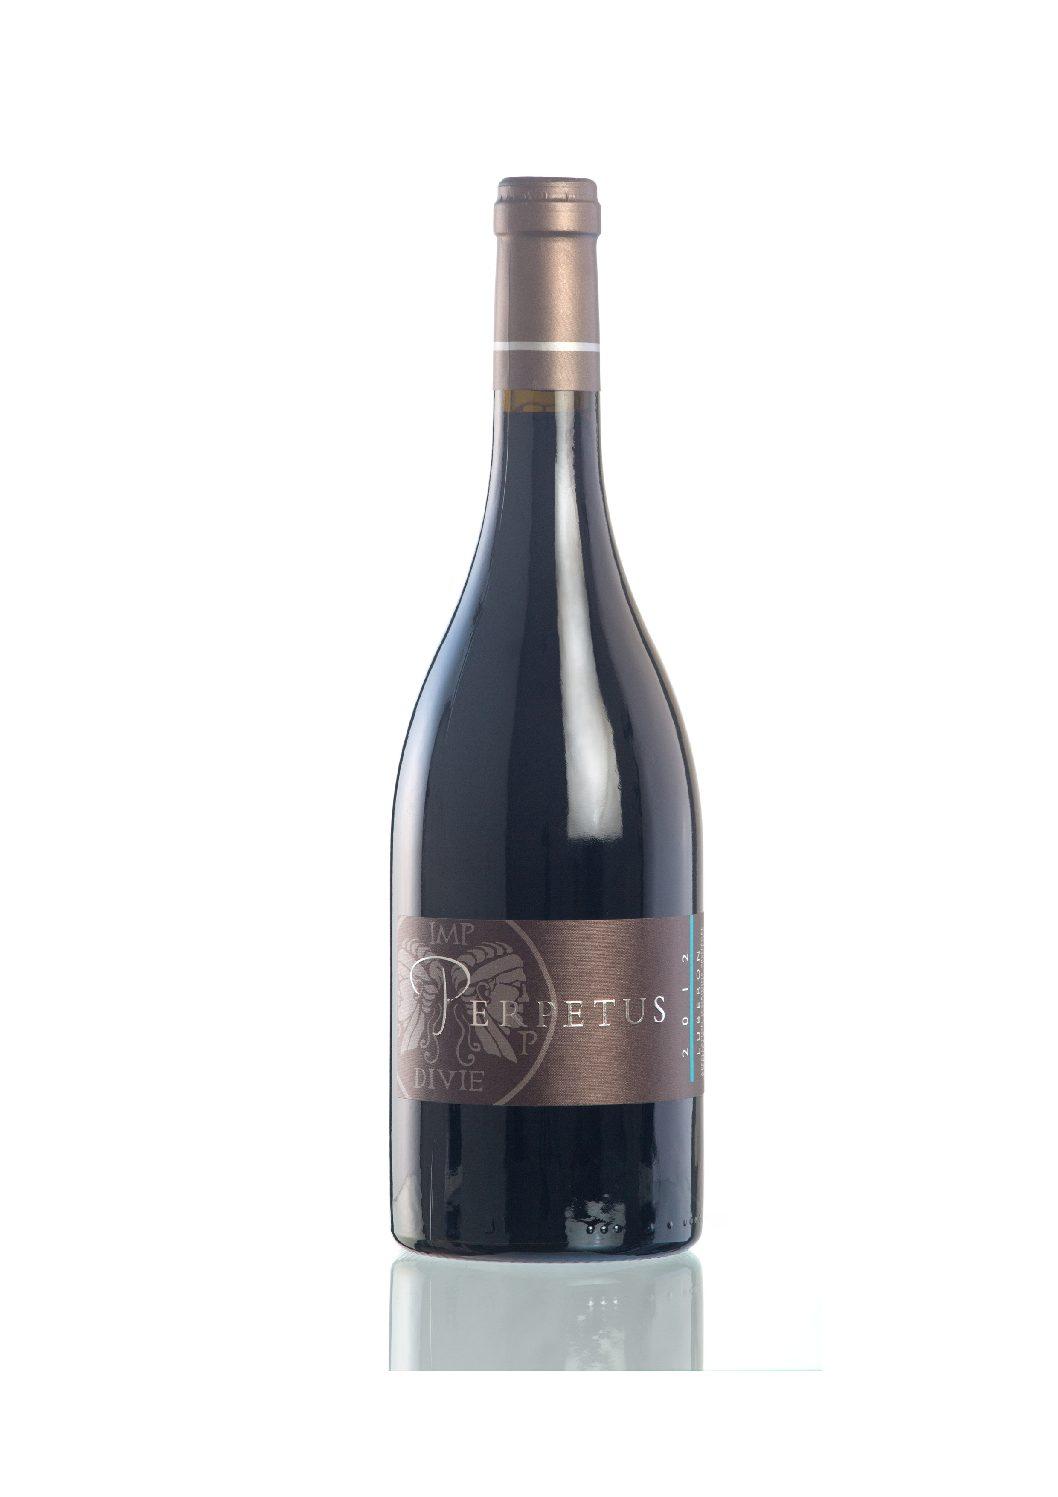 Vin rouge 2016 - sans sulfites - Bouteille 75cl